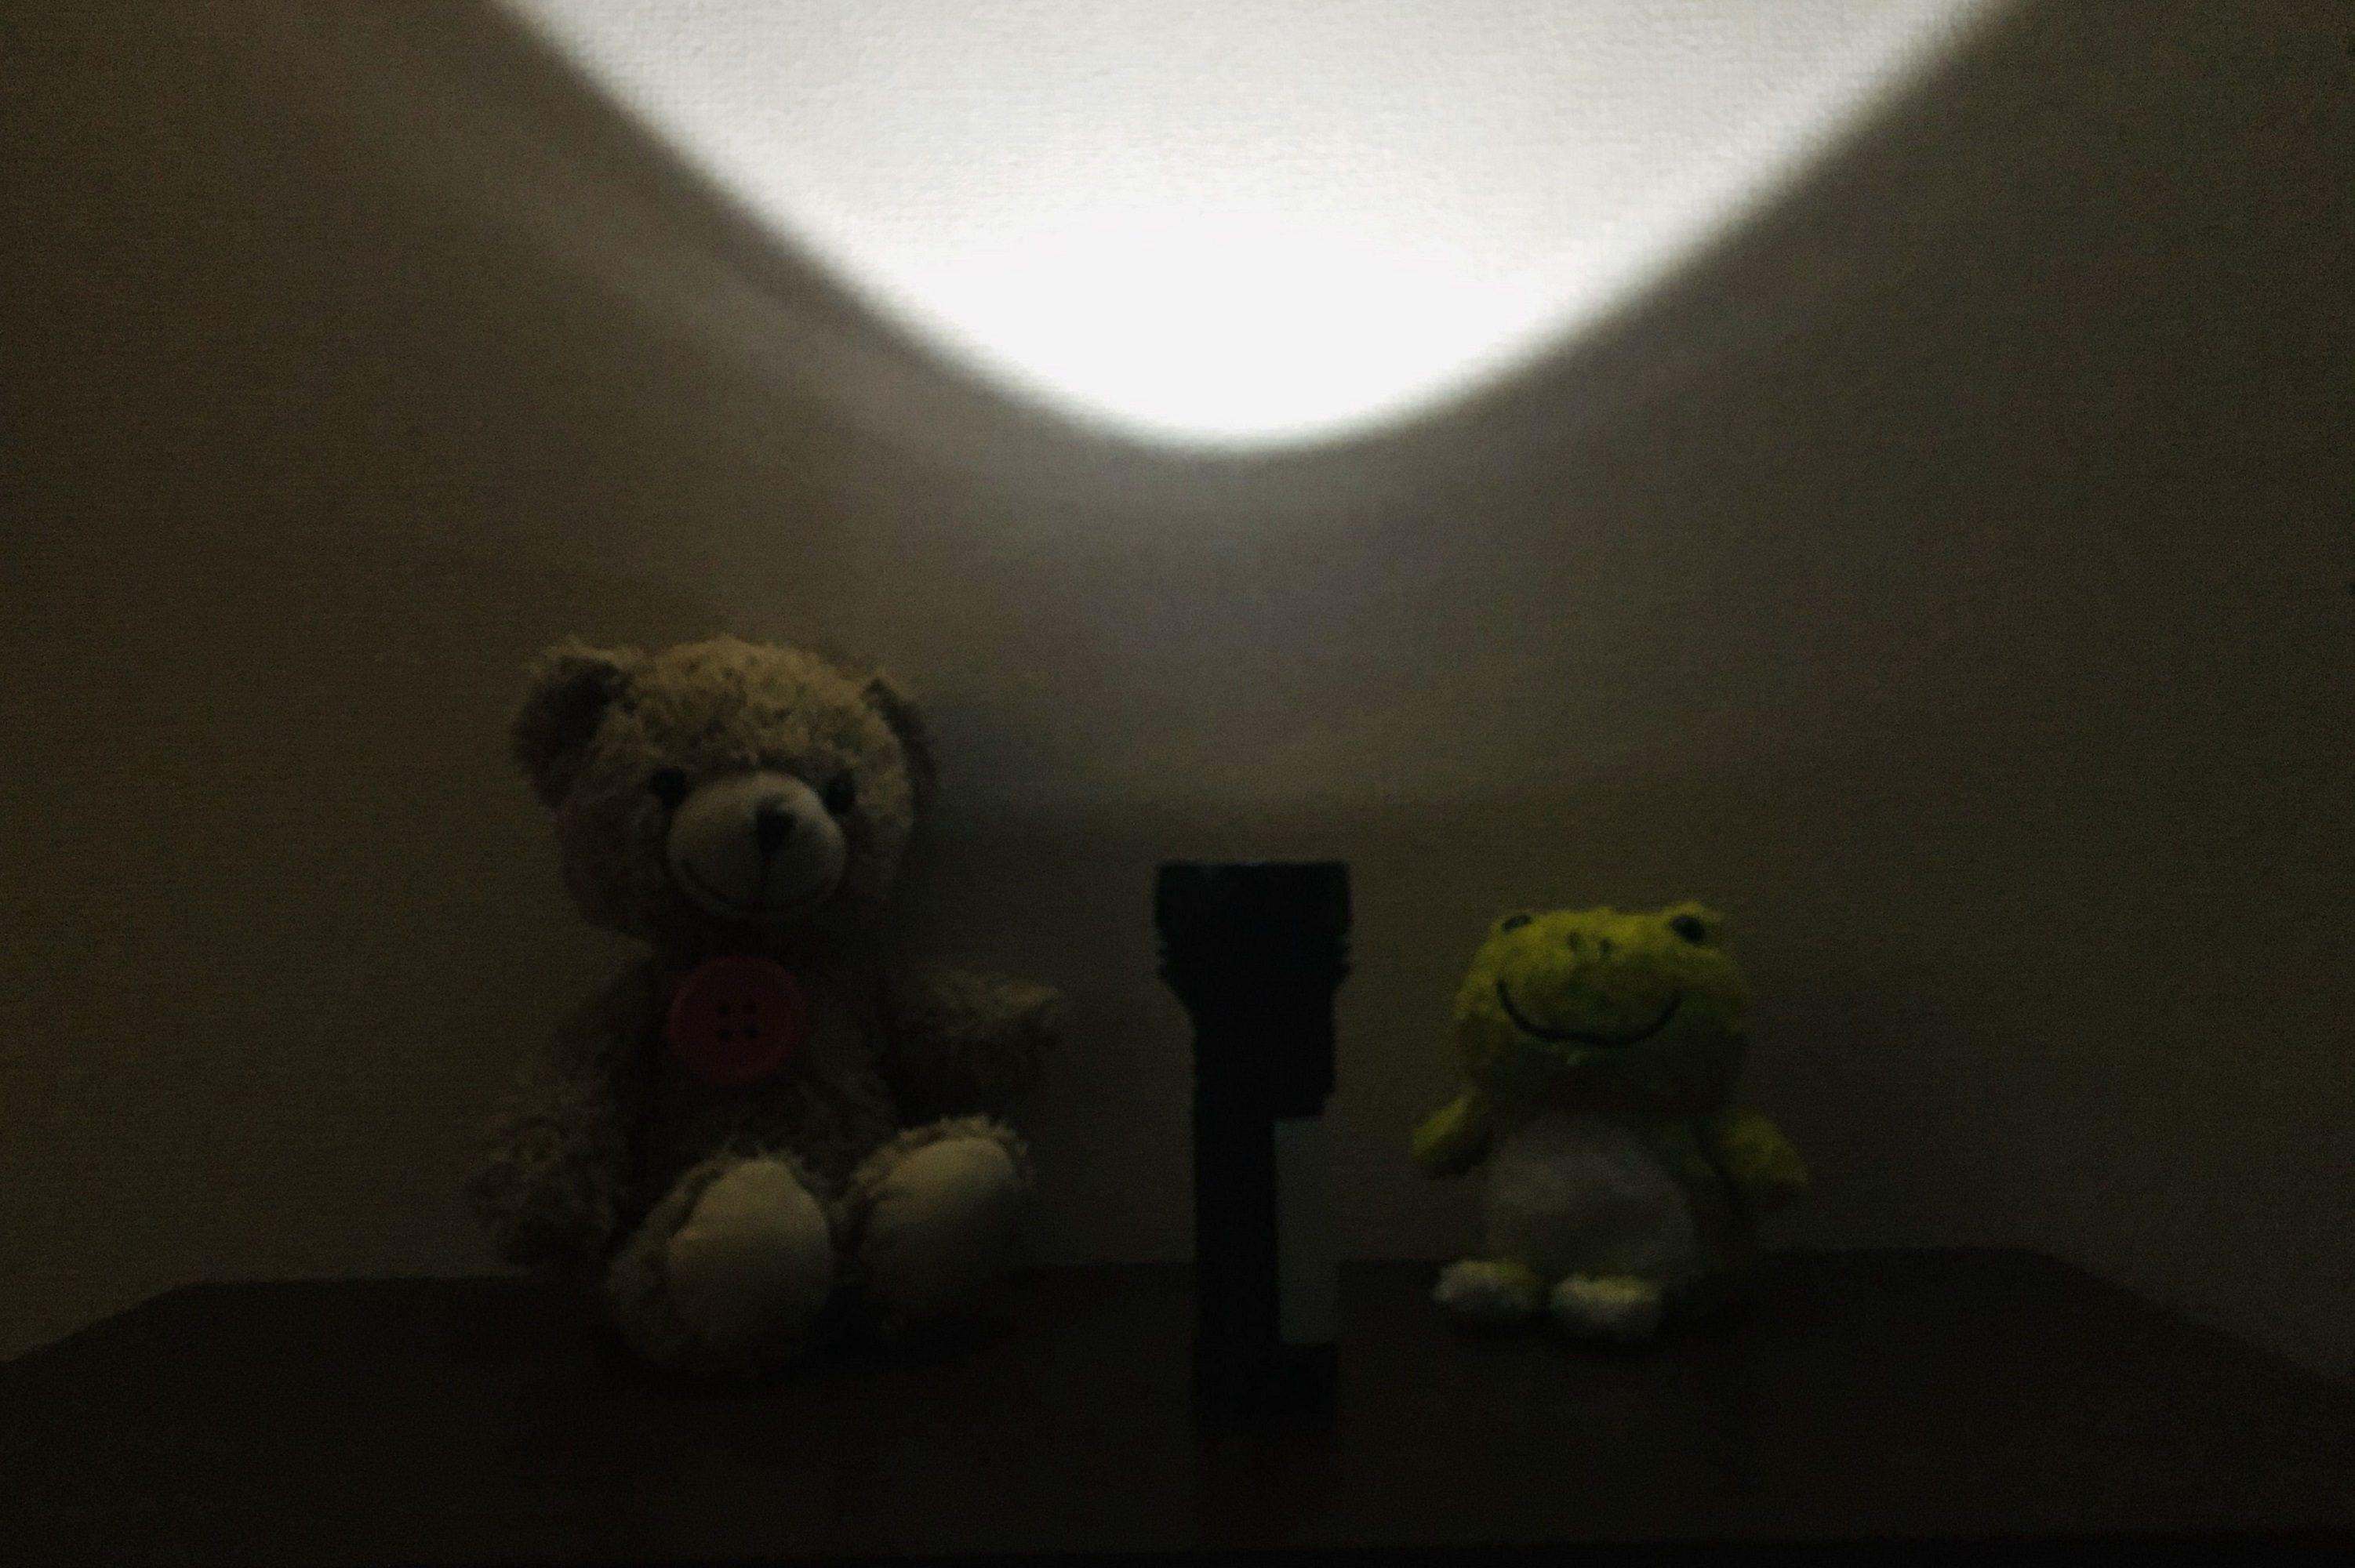 懐中電灯の灯り